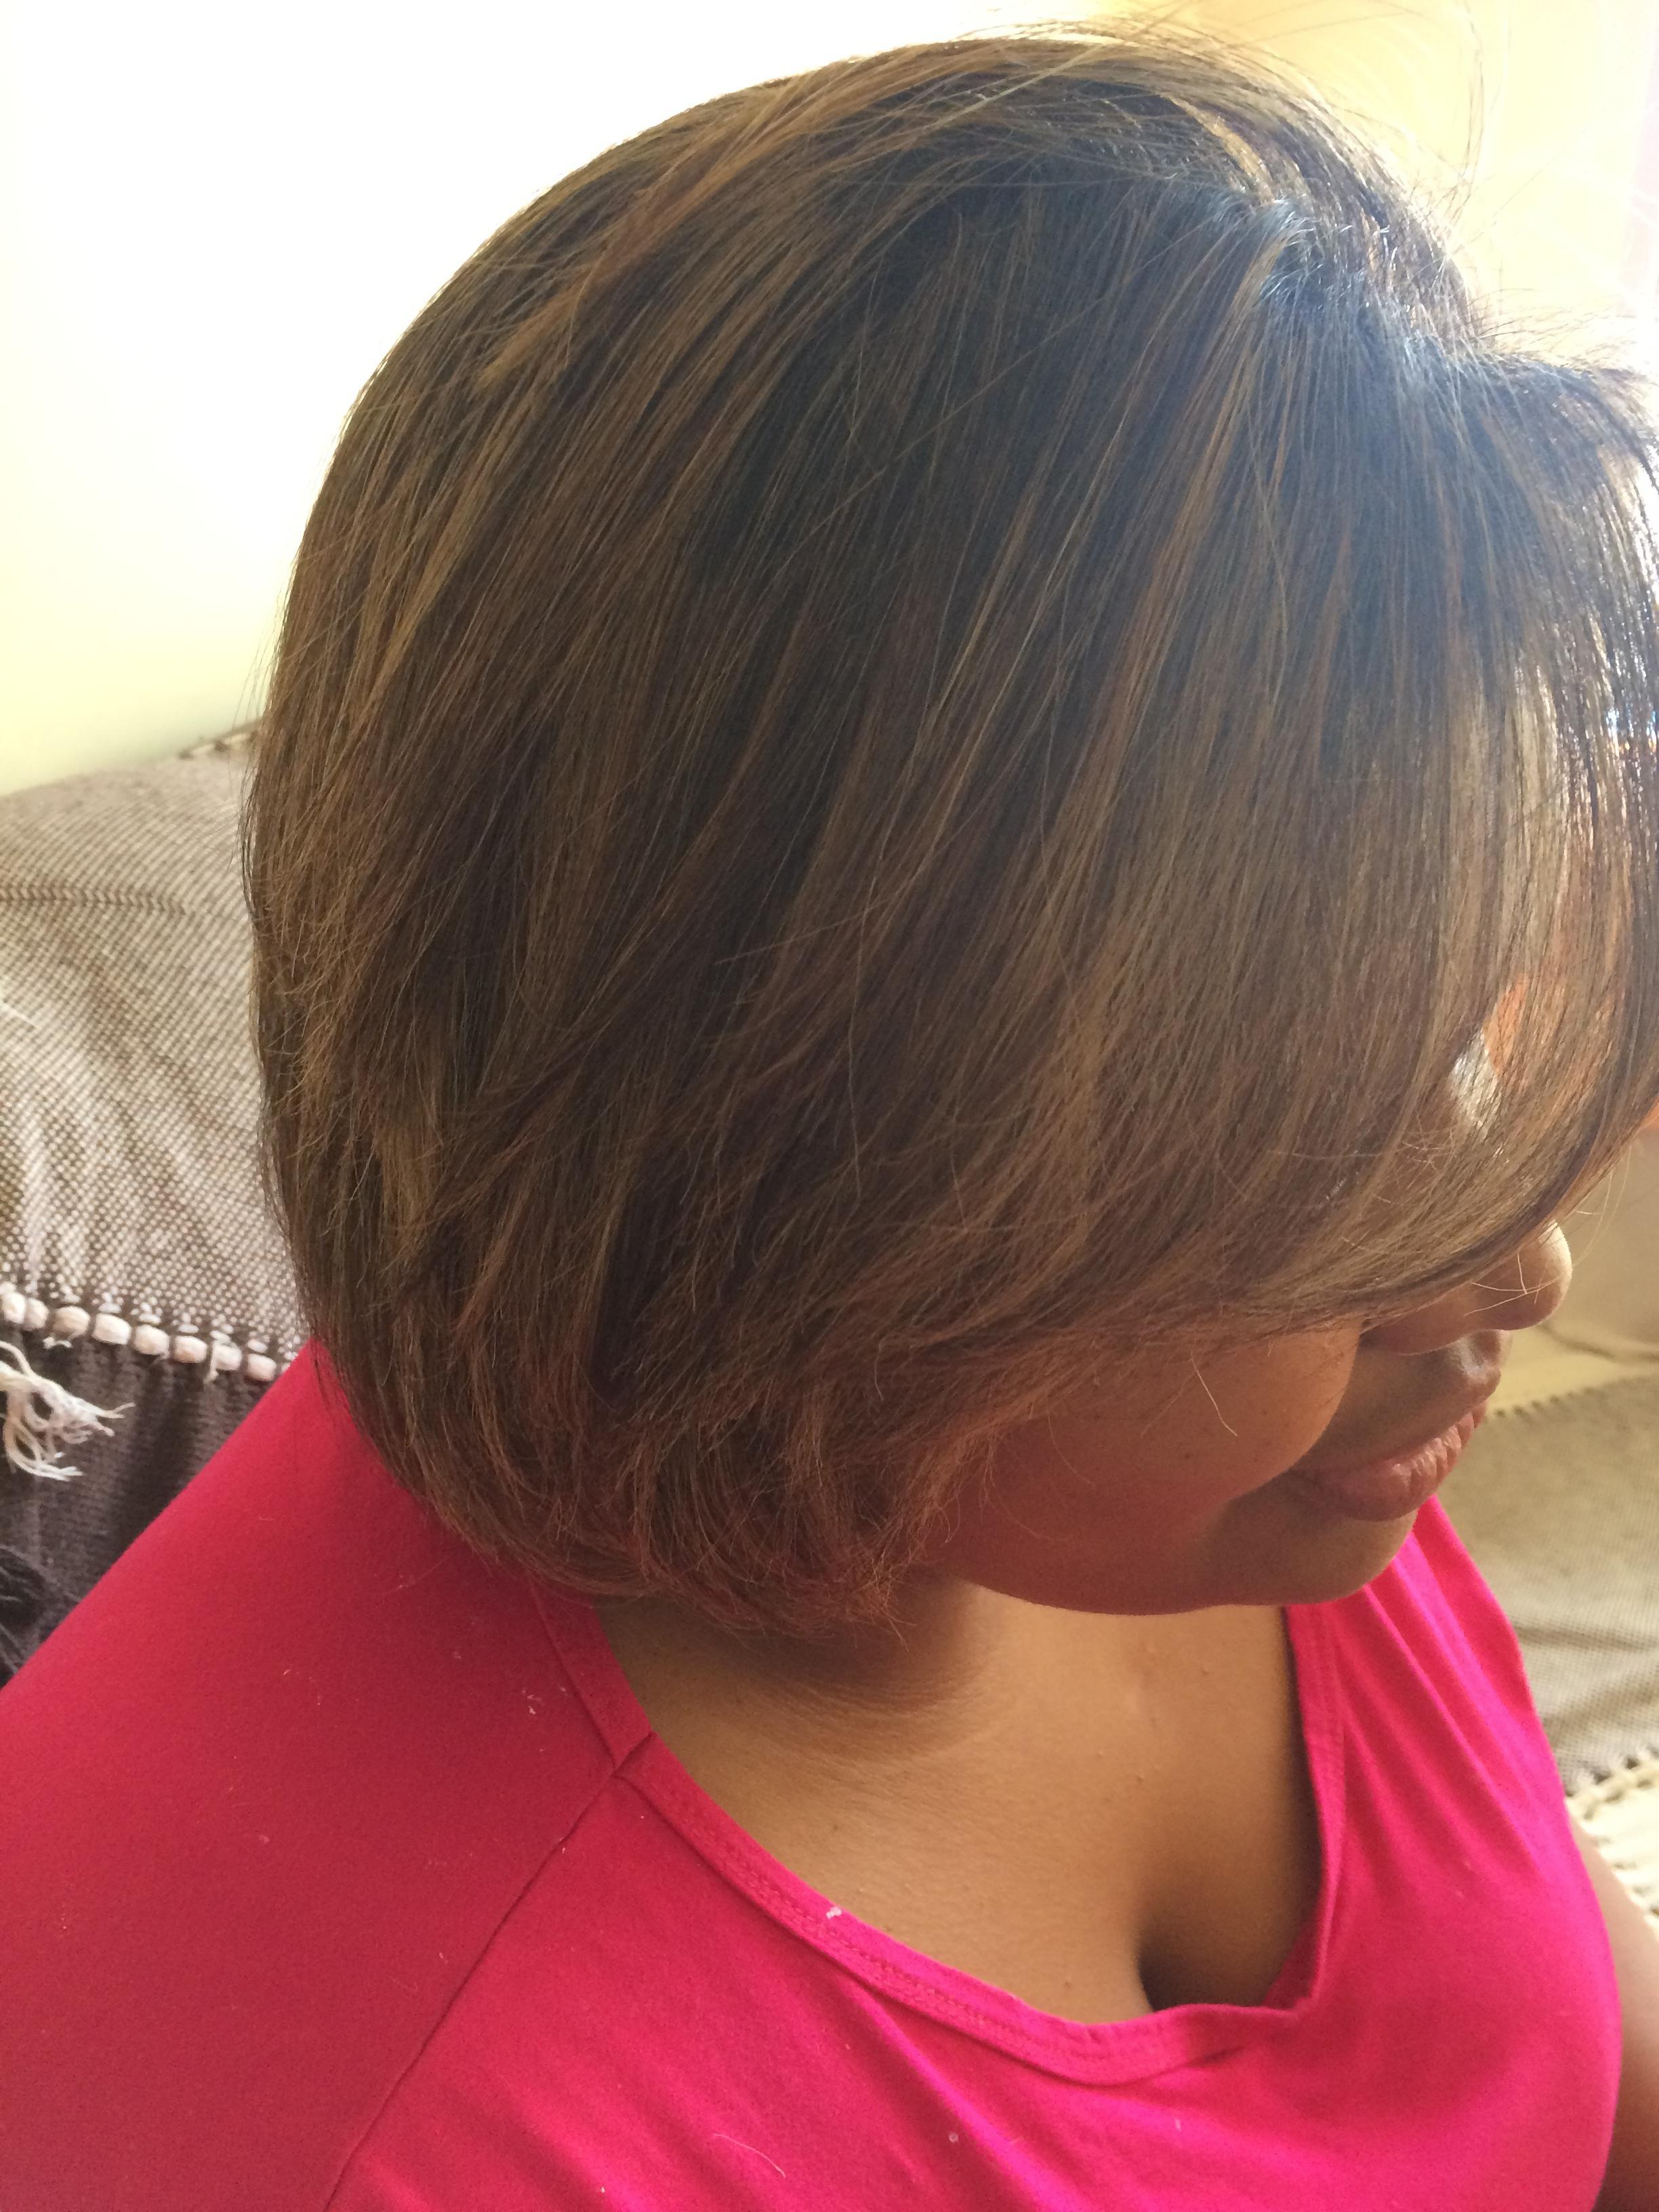 Correção de luzes, corte e progressiva  auxiliar cabeleireiro(a) cabeleireiro(a)